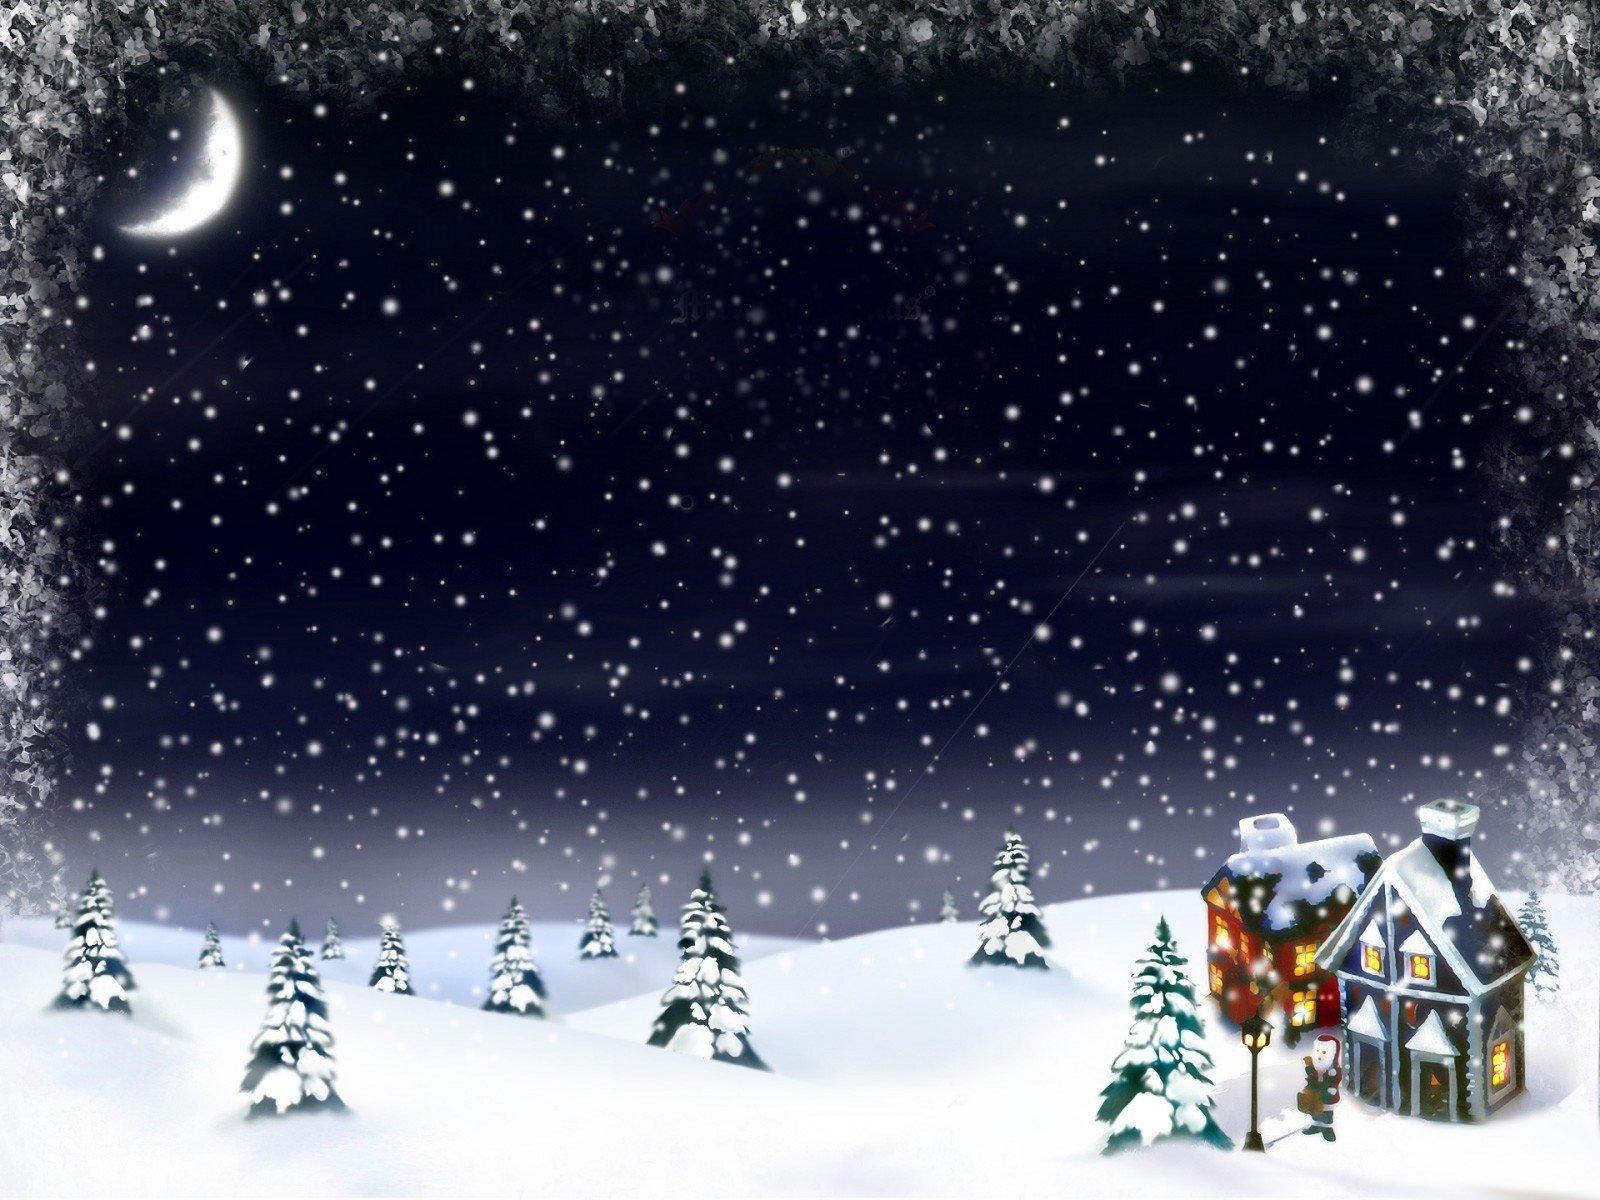 Открытка снег идет, надписью